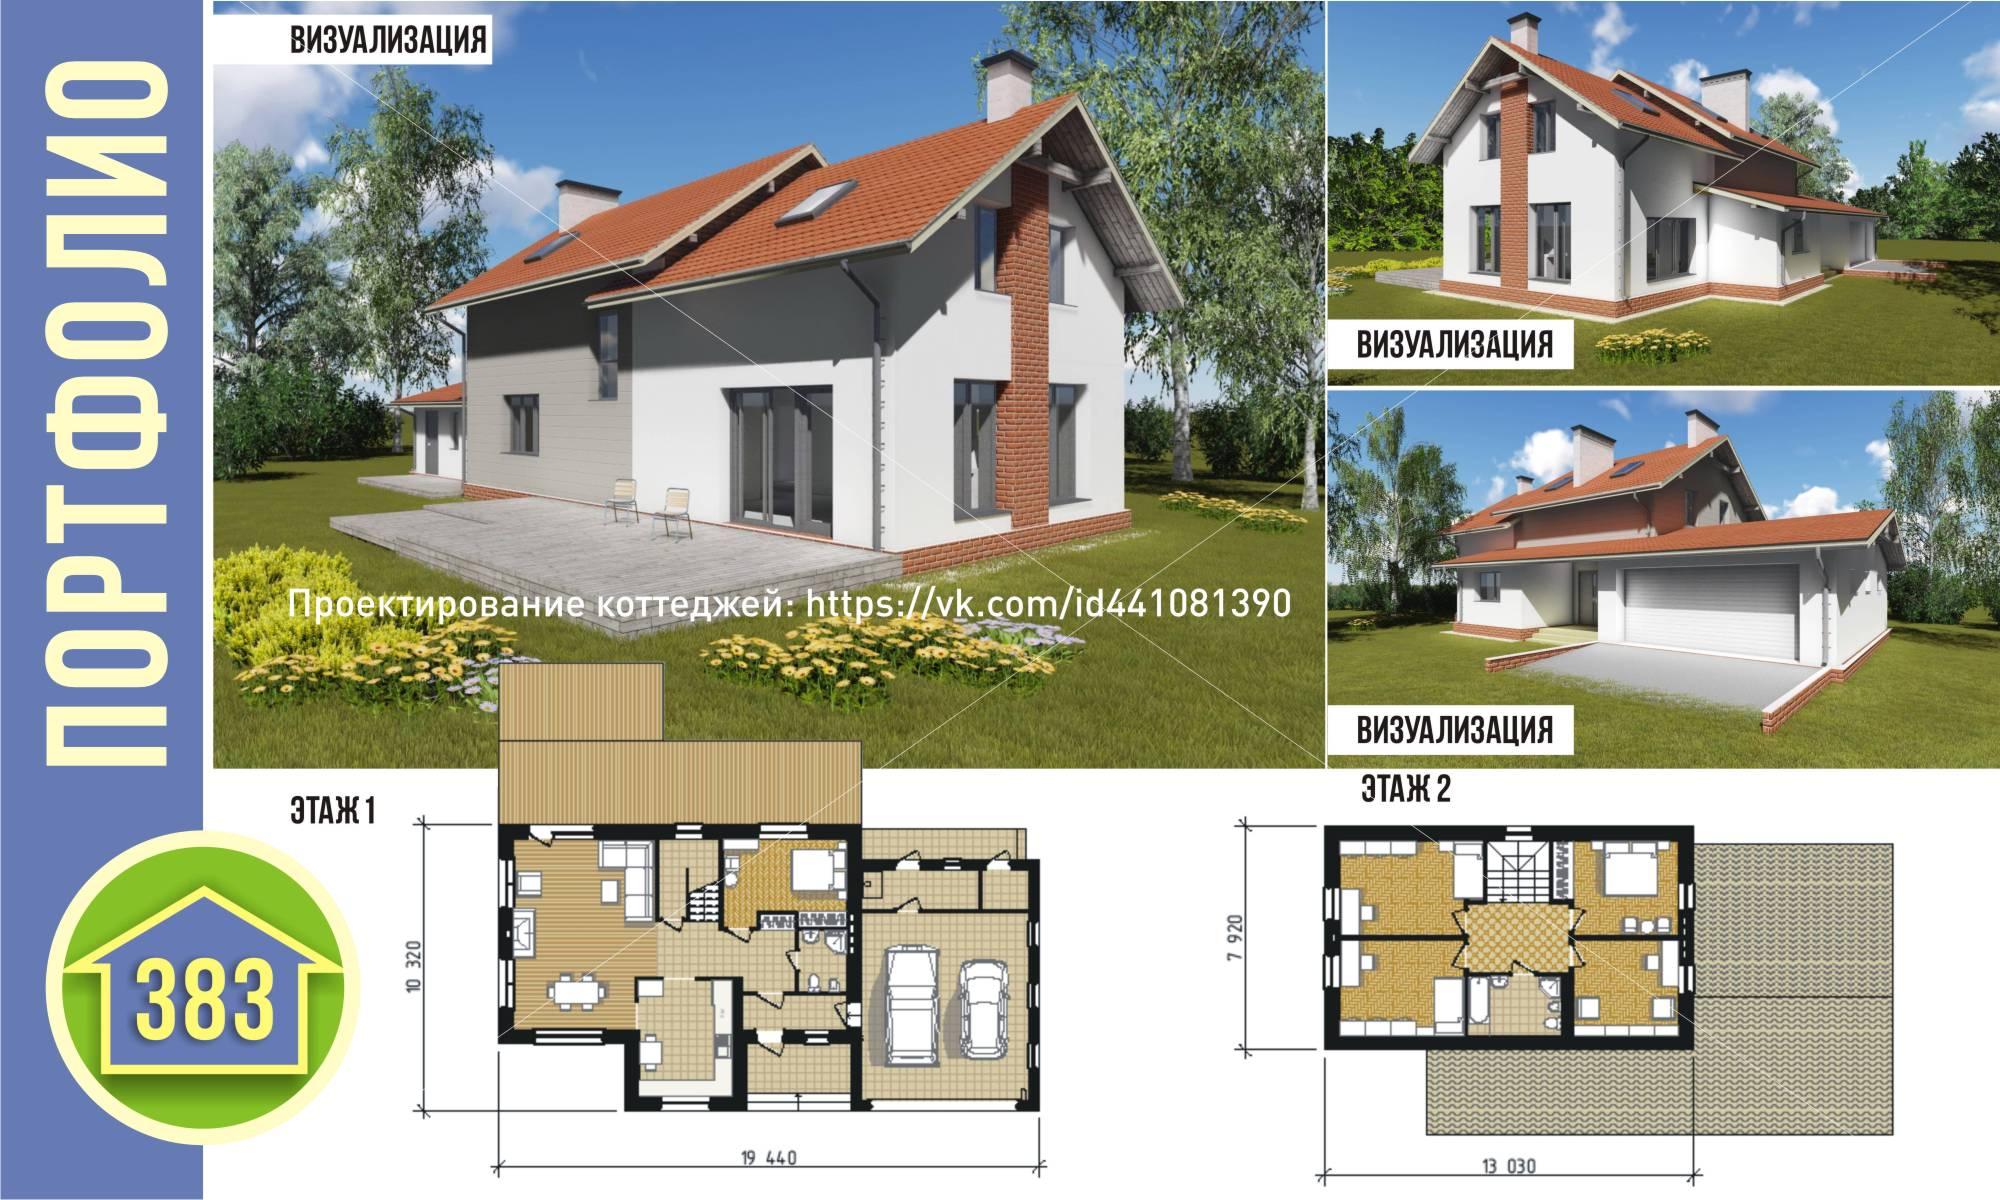 Небольшой одноэтажный с мансардой коттедж в современном стиле. Выполнен проект АР